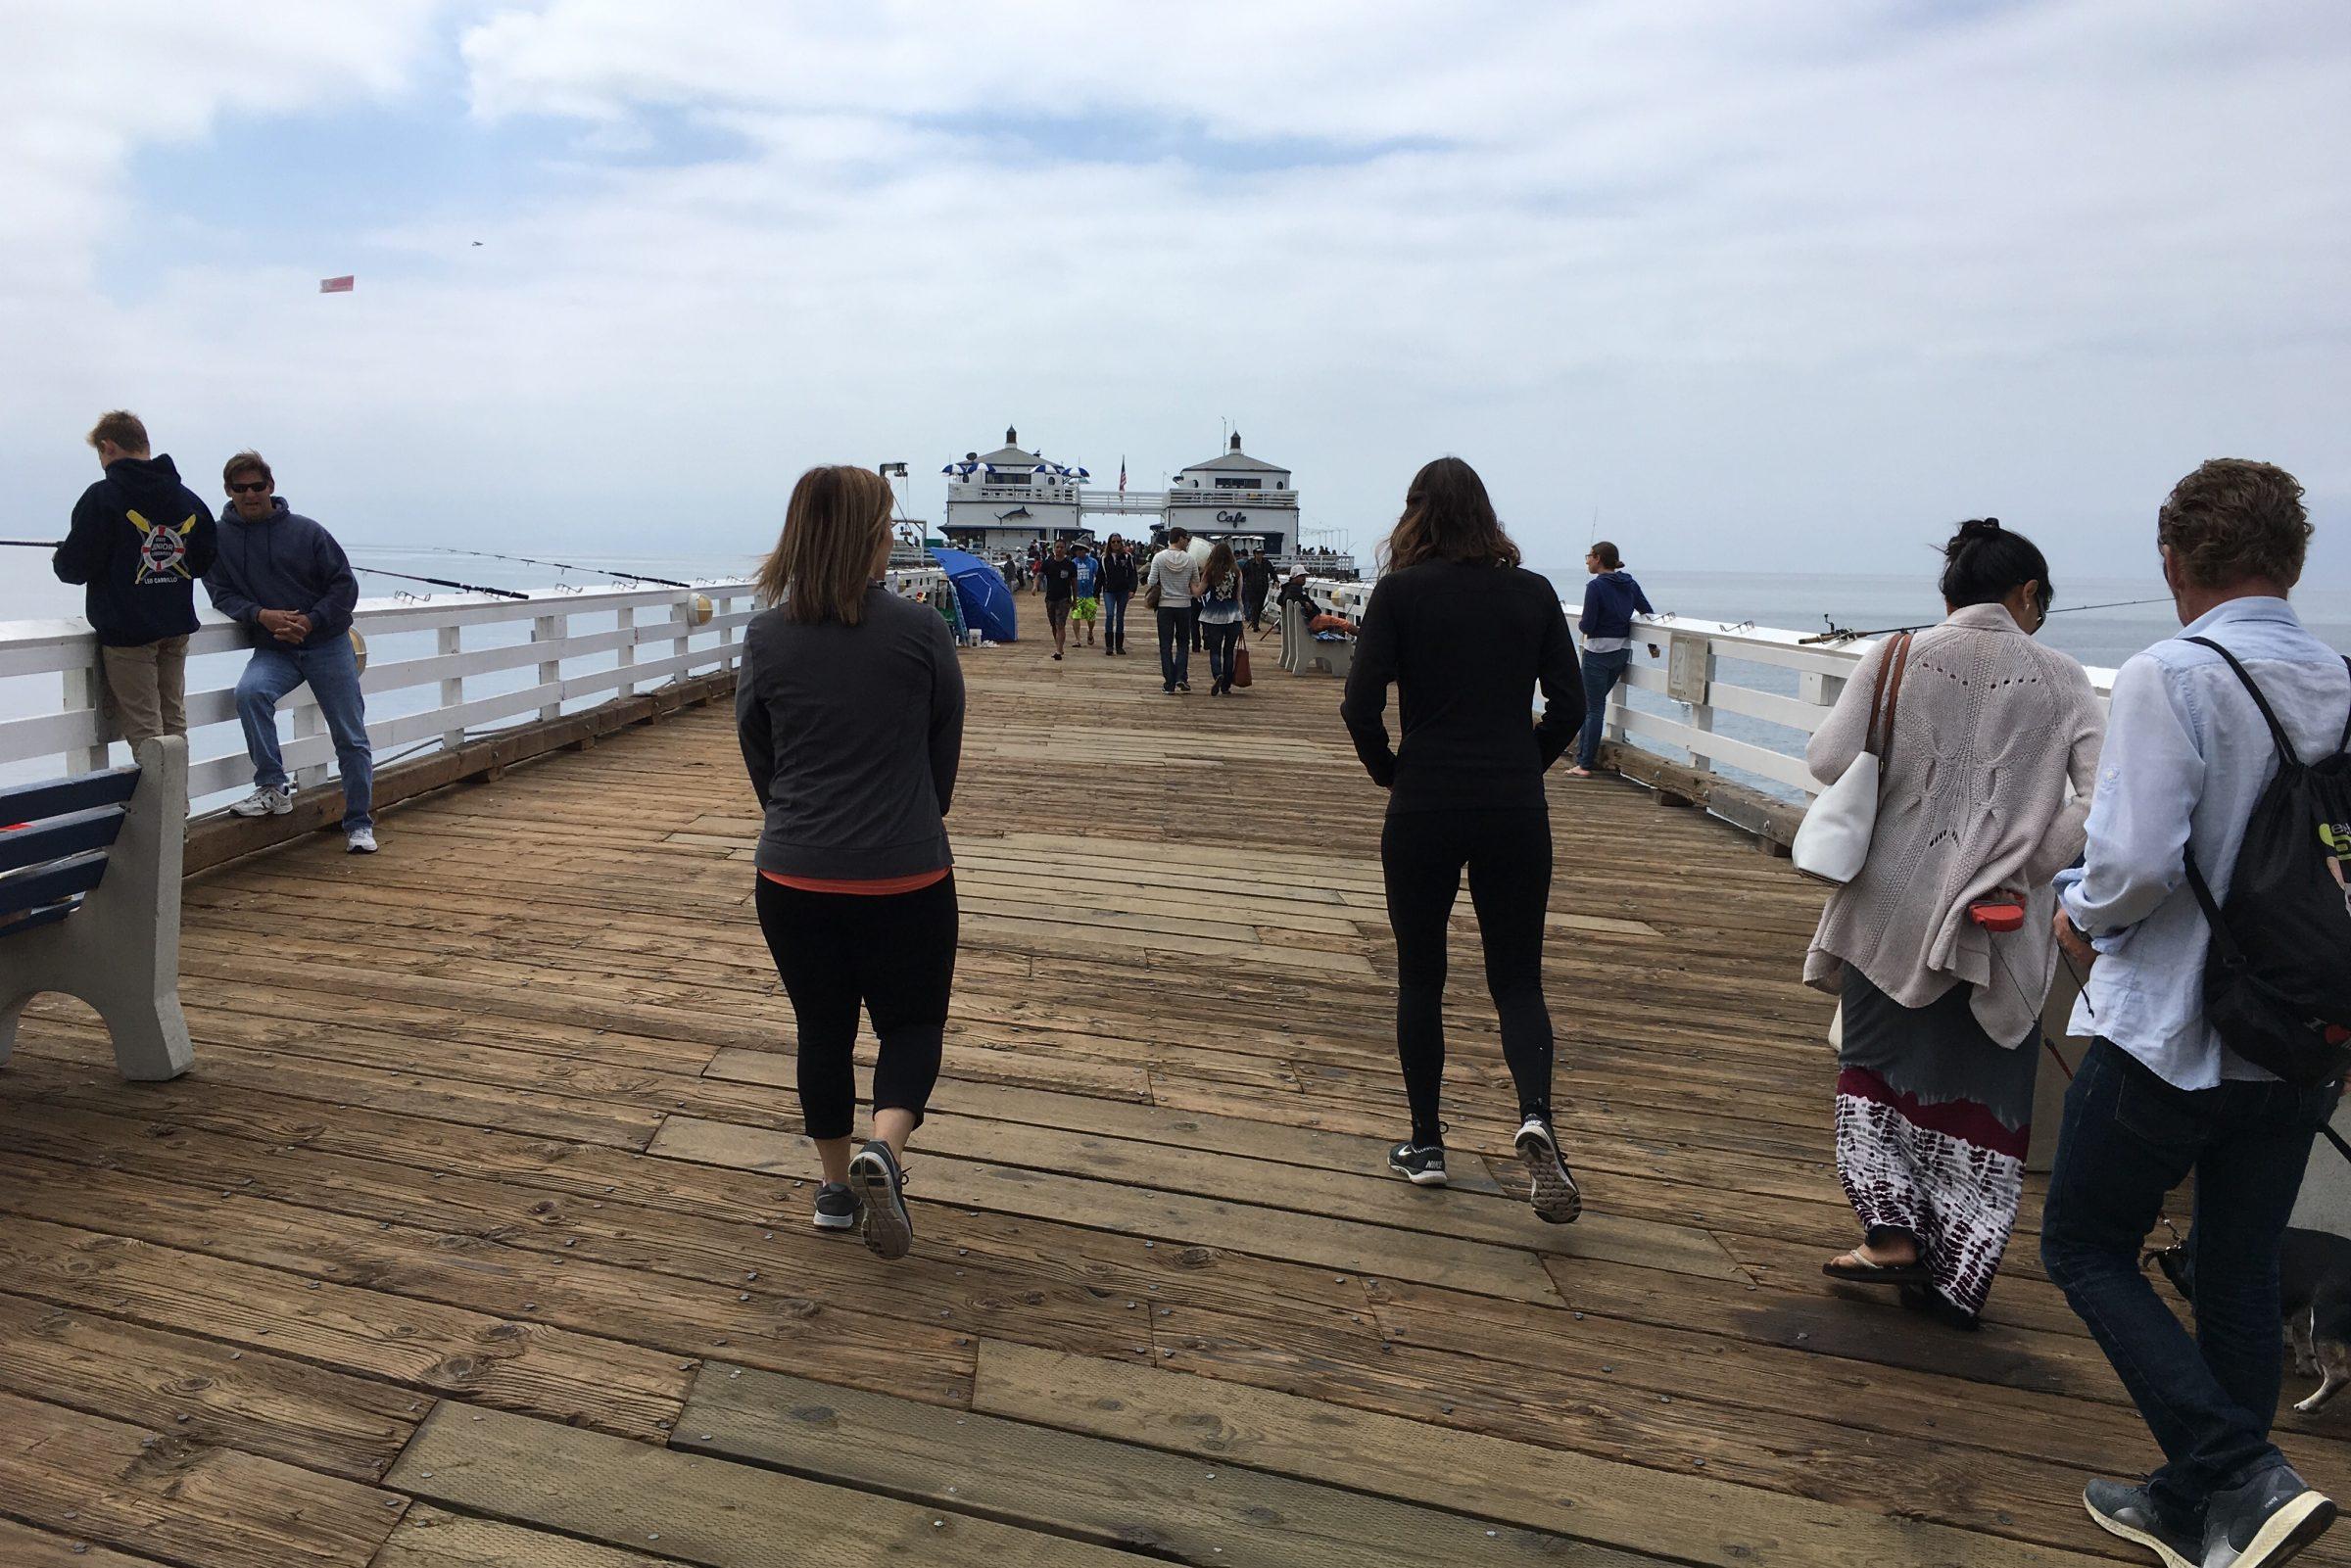 People Walking on Wooden Pier at Ocean